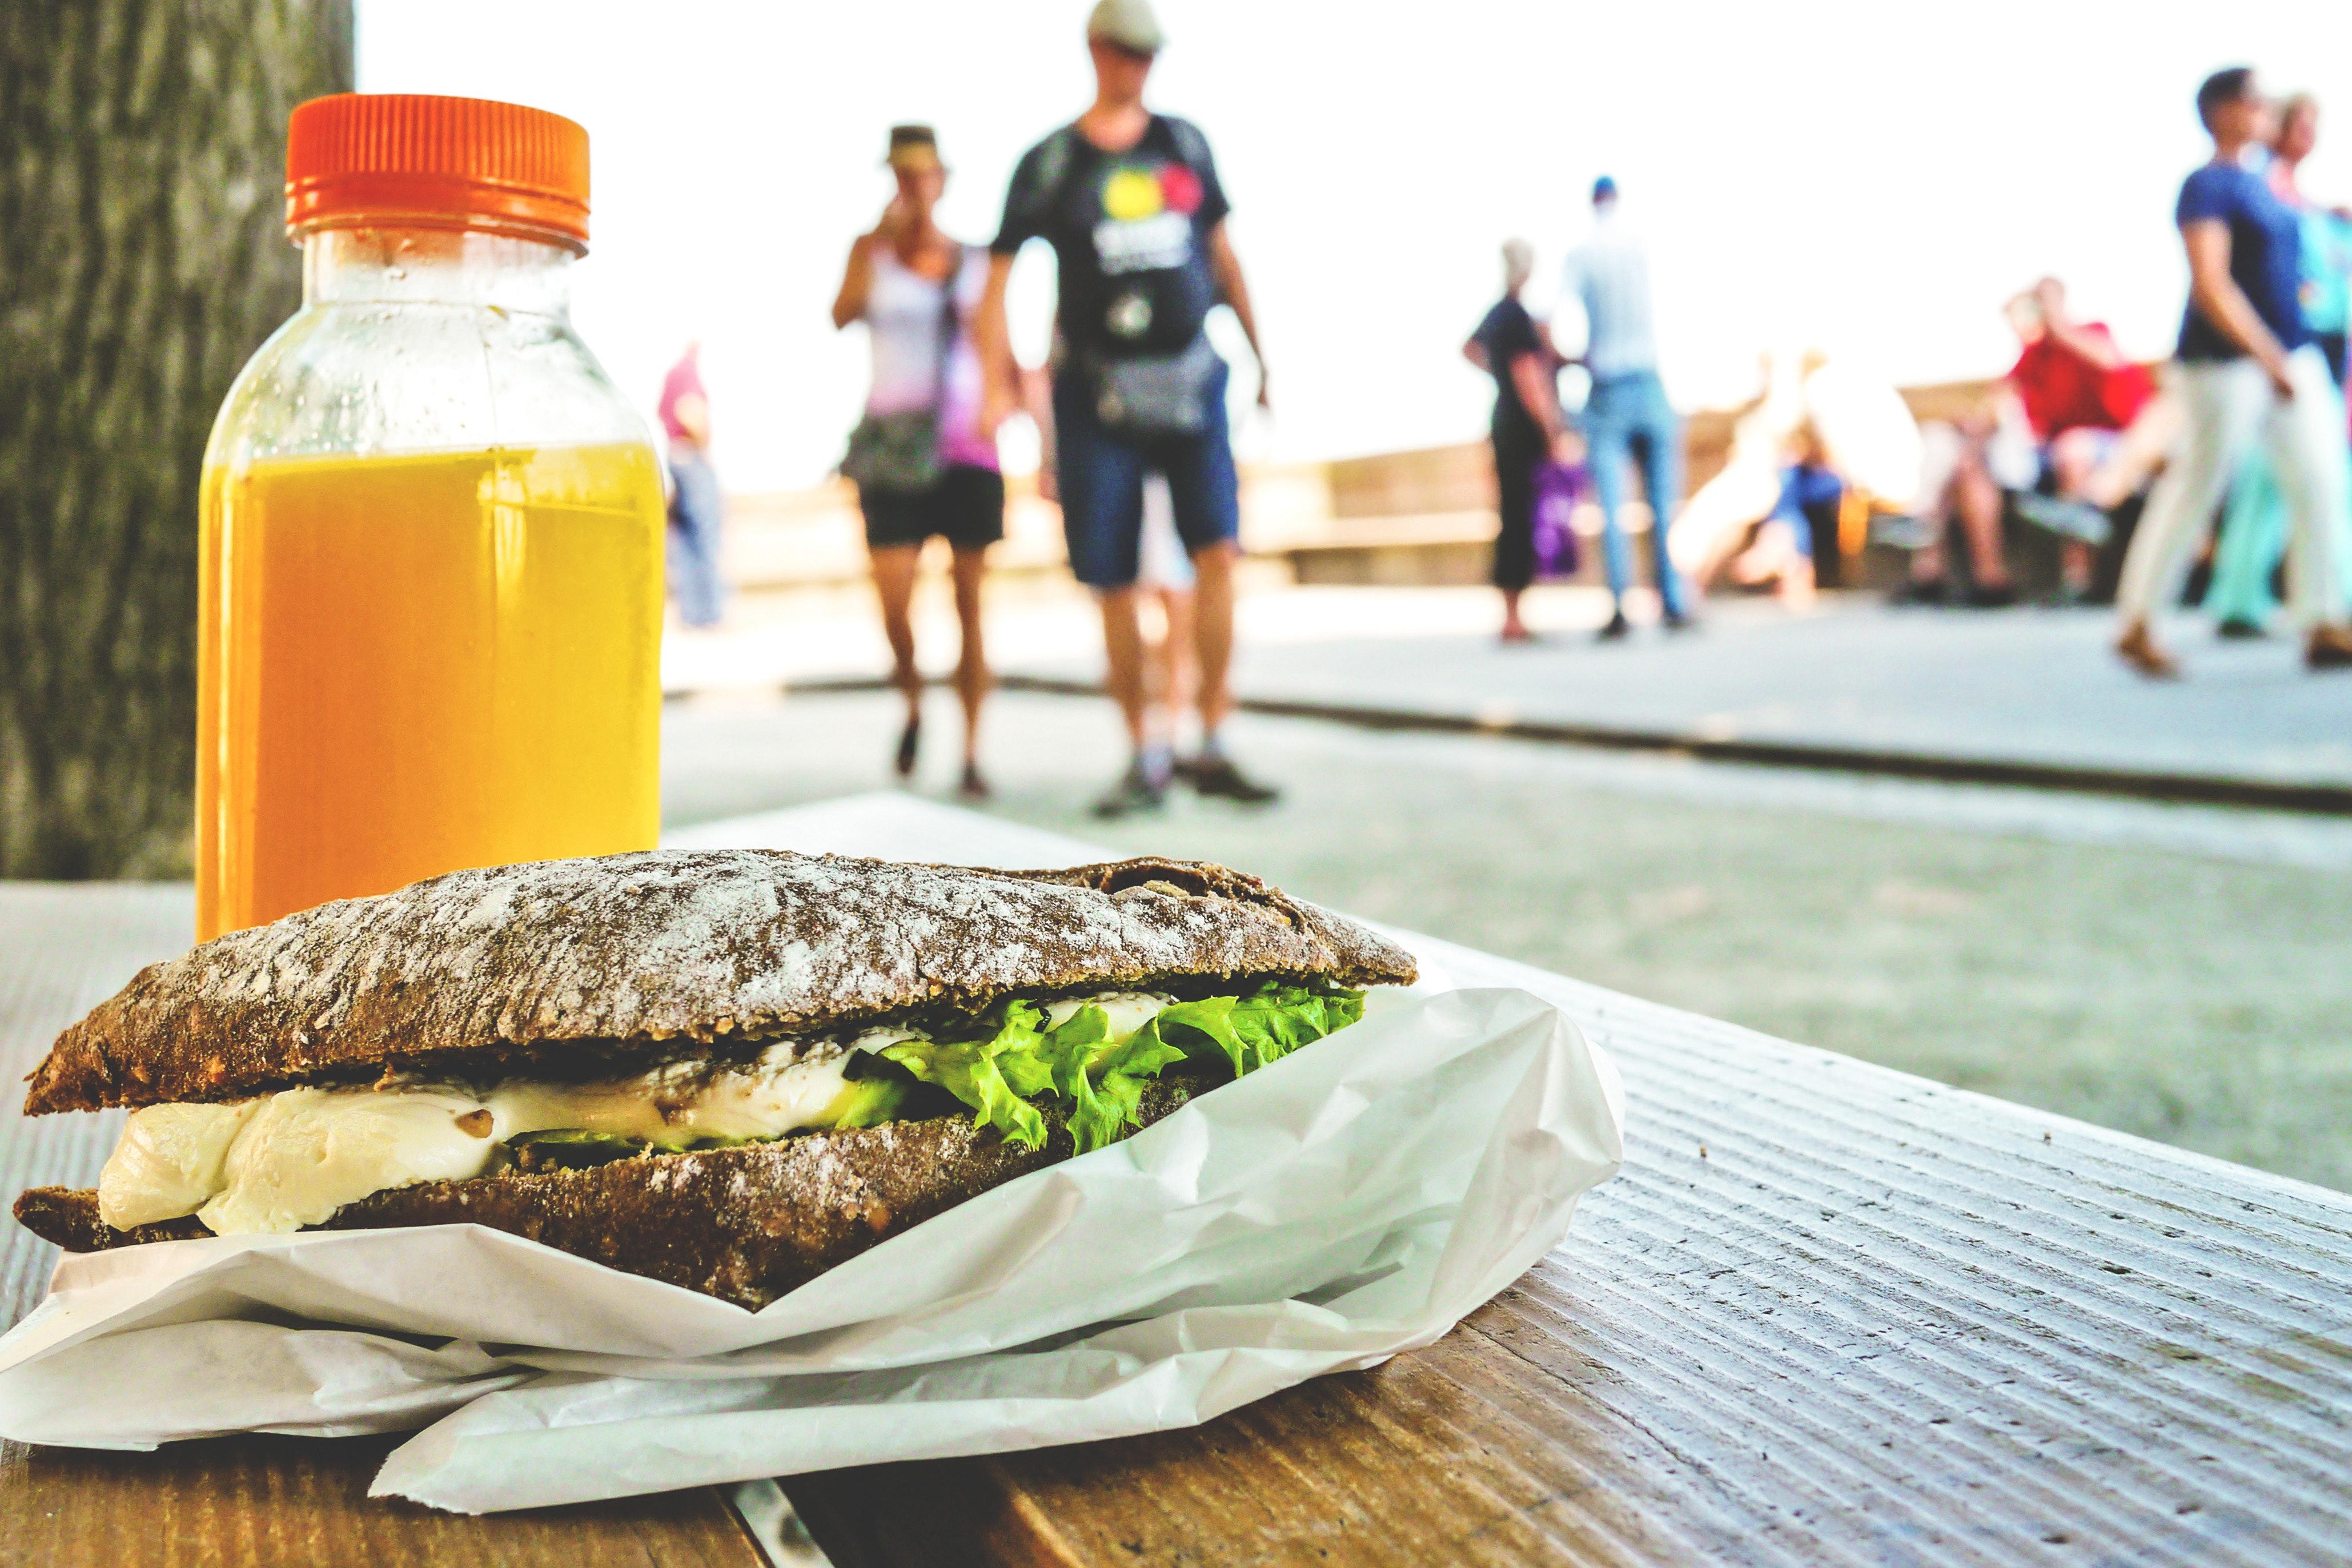 sandwich e suco em cima de um banco, na rua, com pesoas passando atras